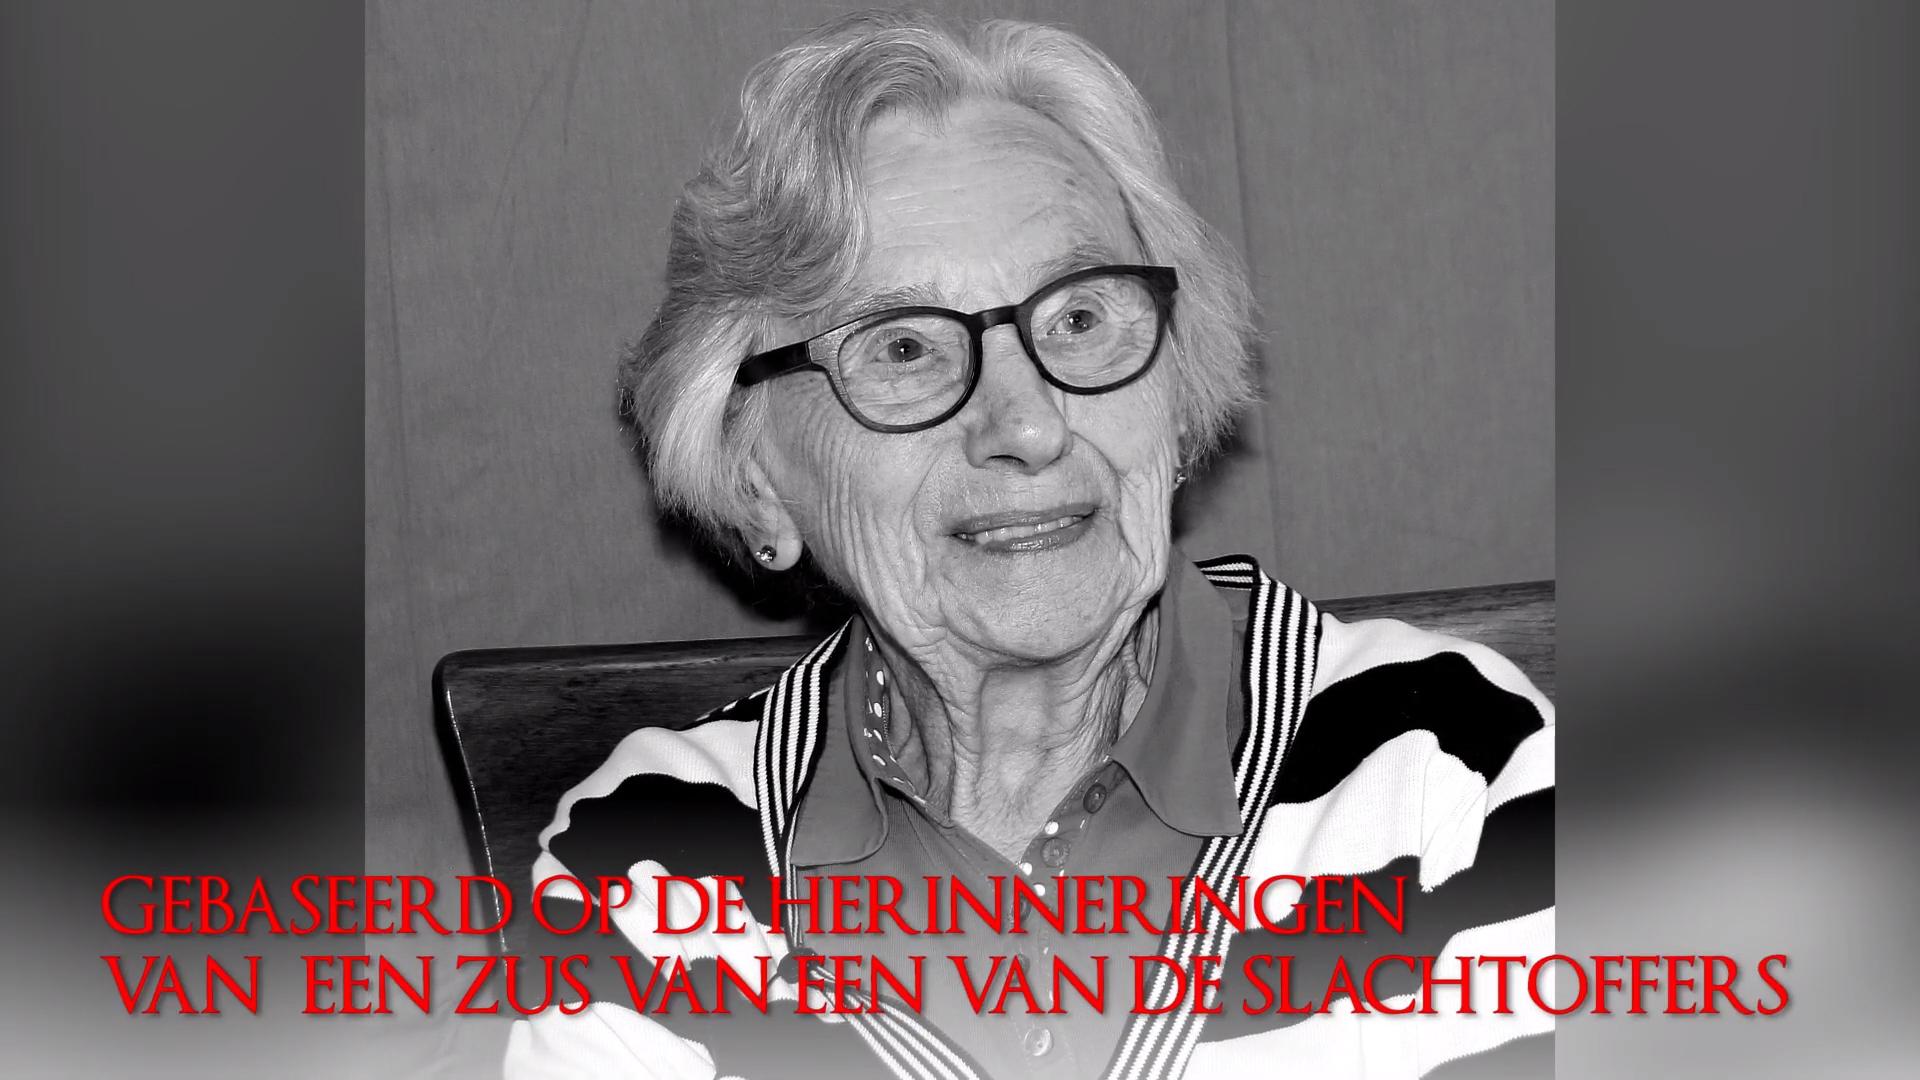 Loil viert 75 jaar bevrijding met groot openluchtspektakel